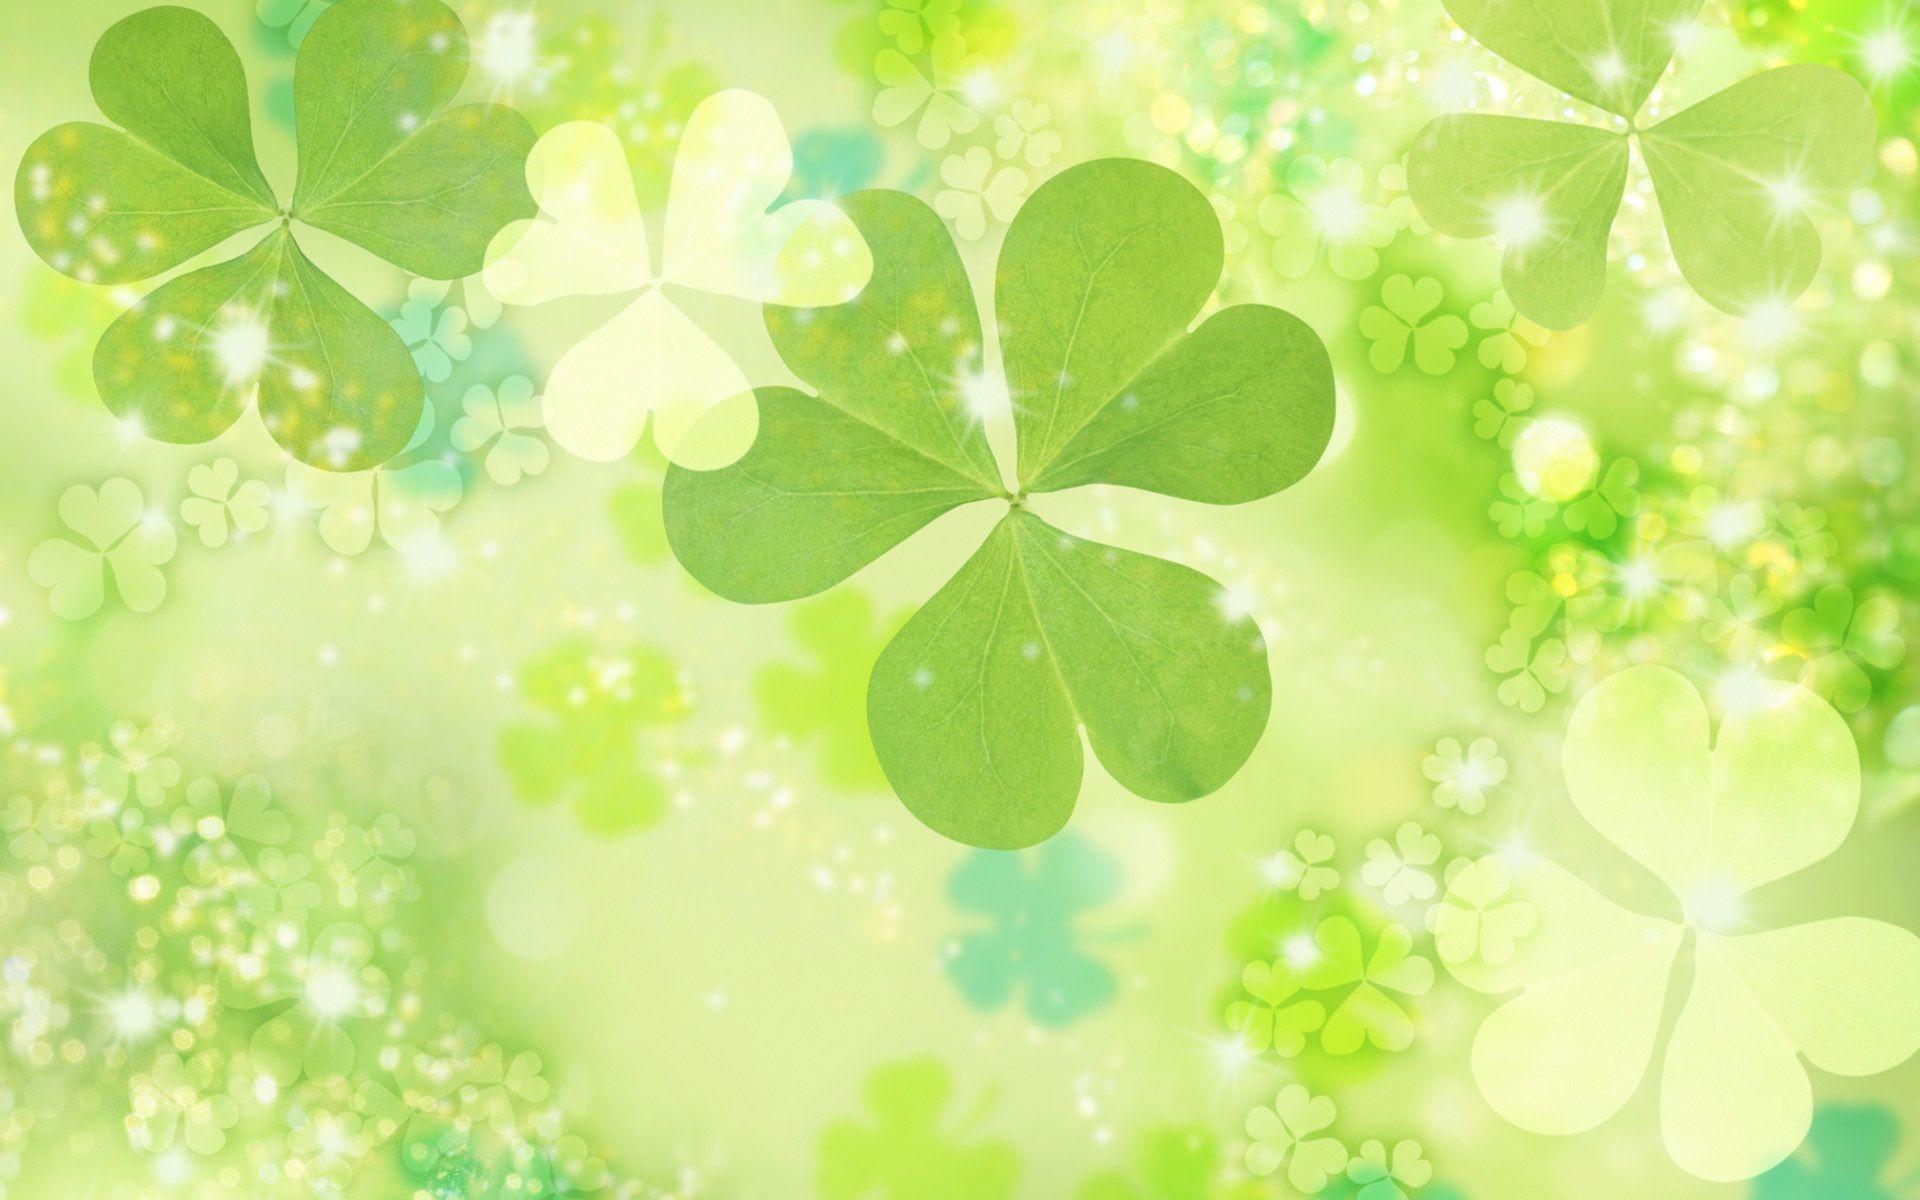 Phông nền màu xanh của cỏ bốn lá tình bạn